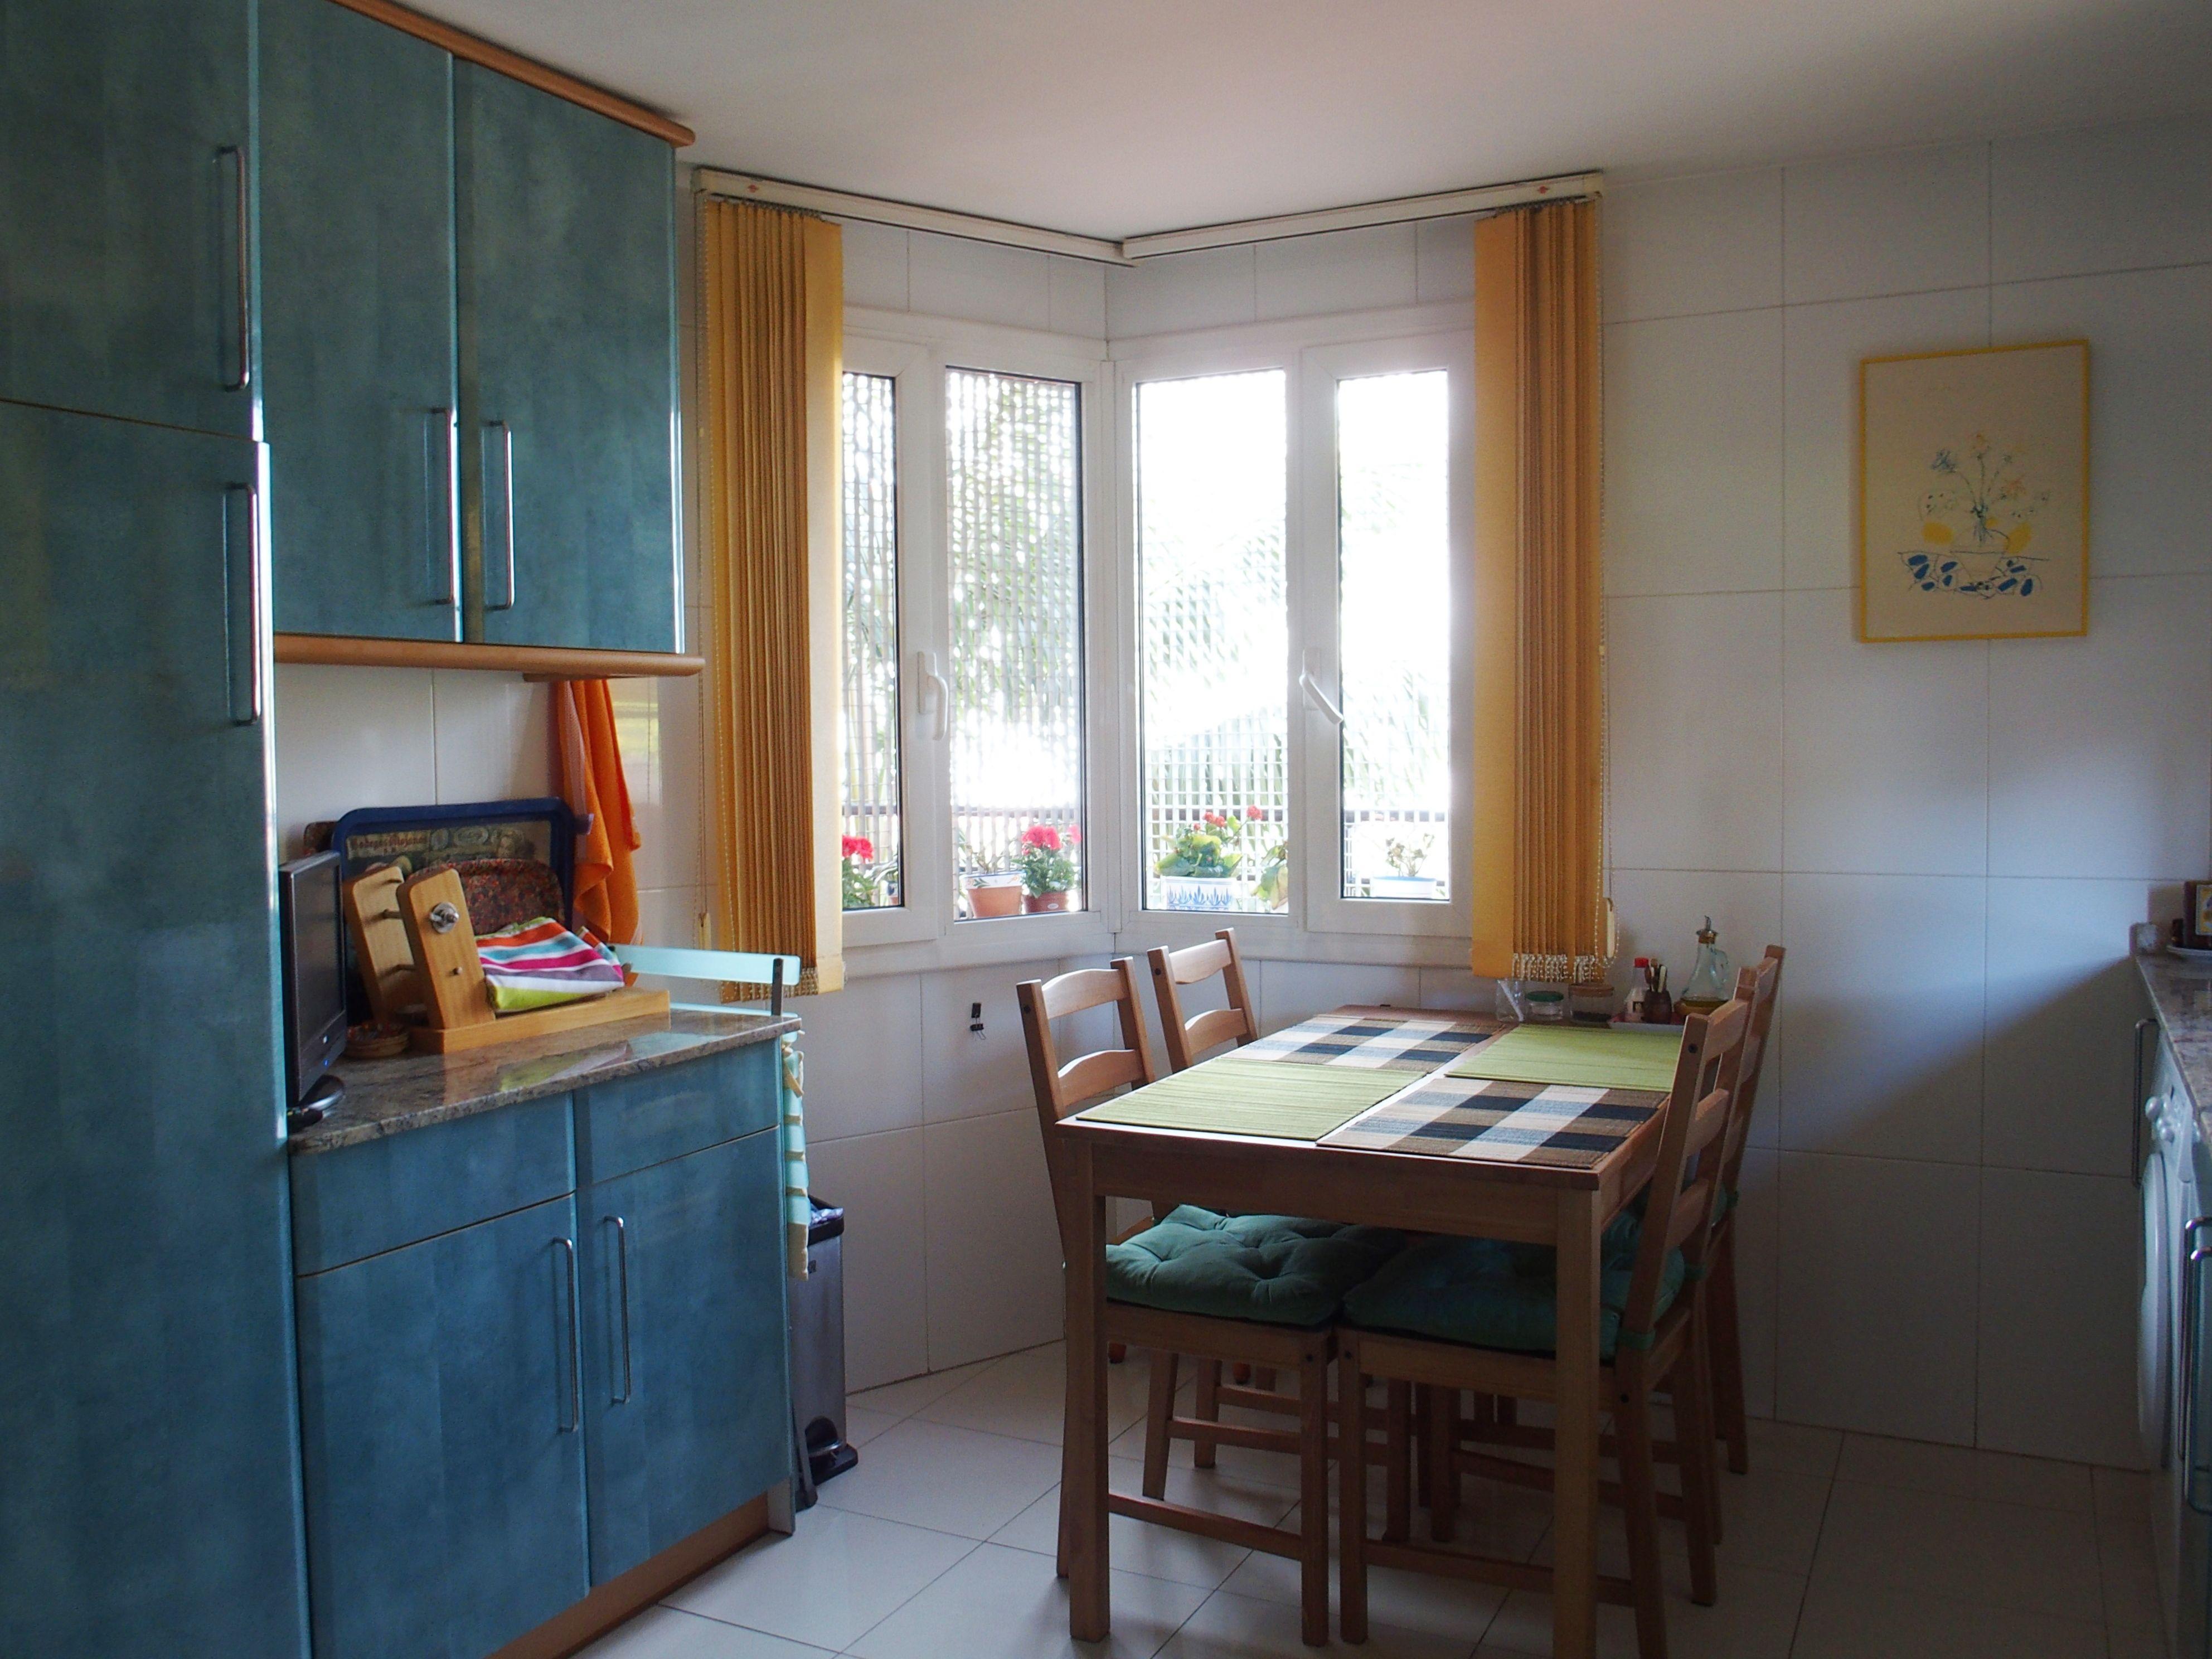 Cocina, casa Apareada en #Castelldefels REF 1545